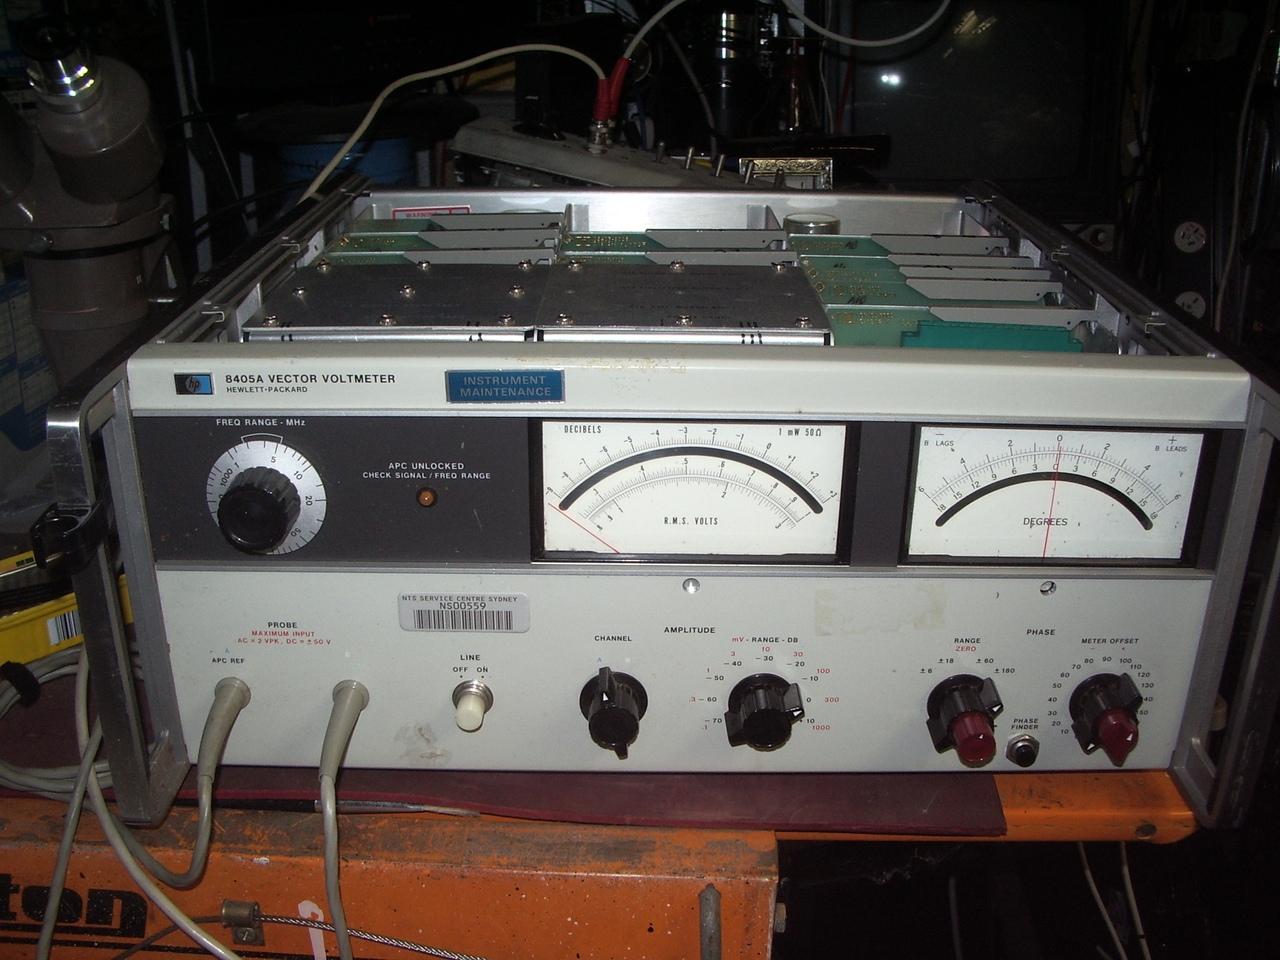 векторный вольтметр один из классических инструментов золотого века от HP. В руководстве приведены даты проектирования и производства с 1966 года. Интегральных схем нет.